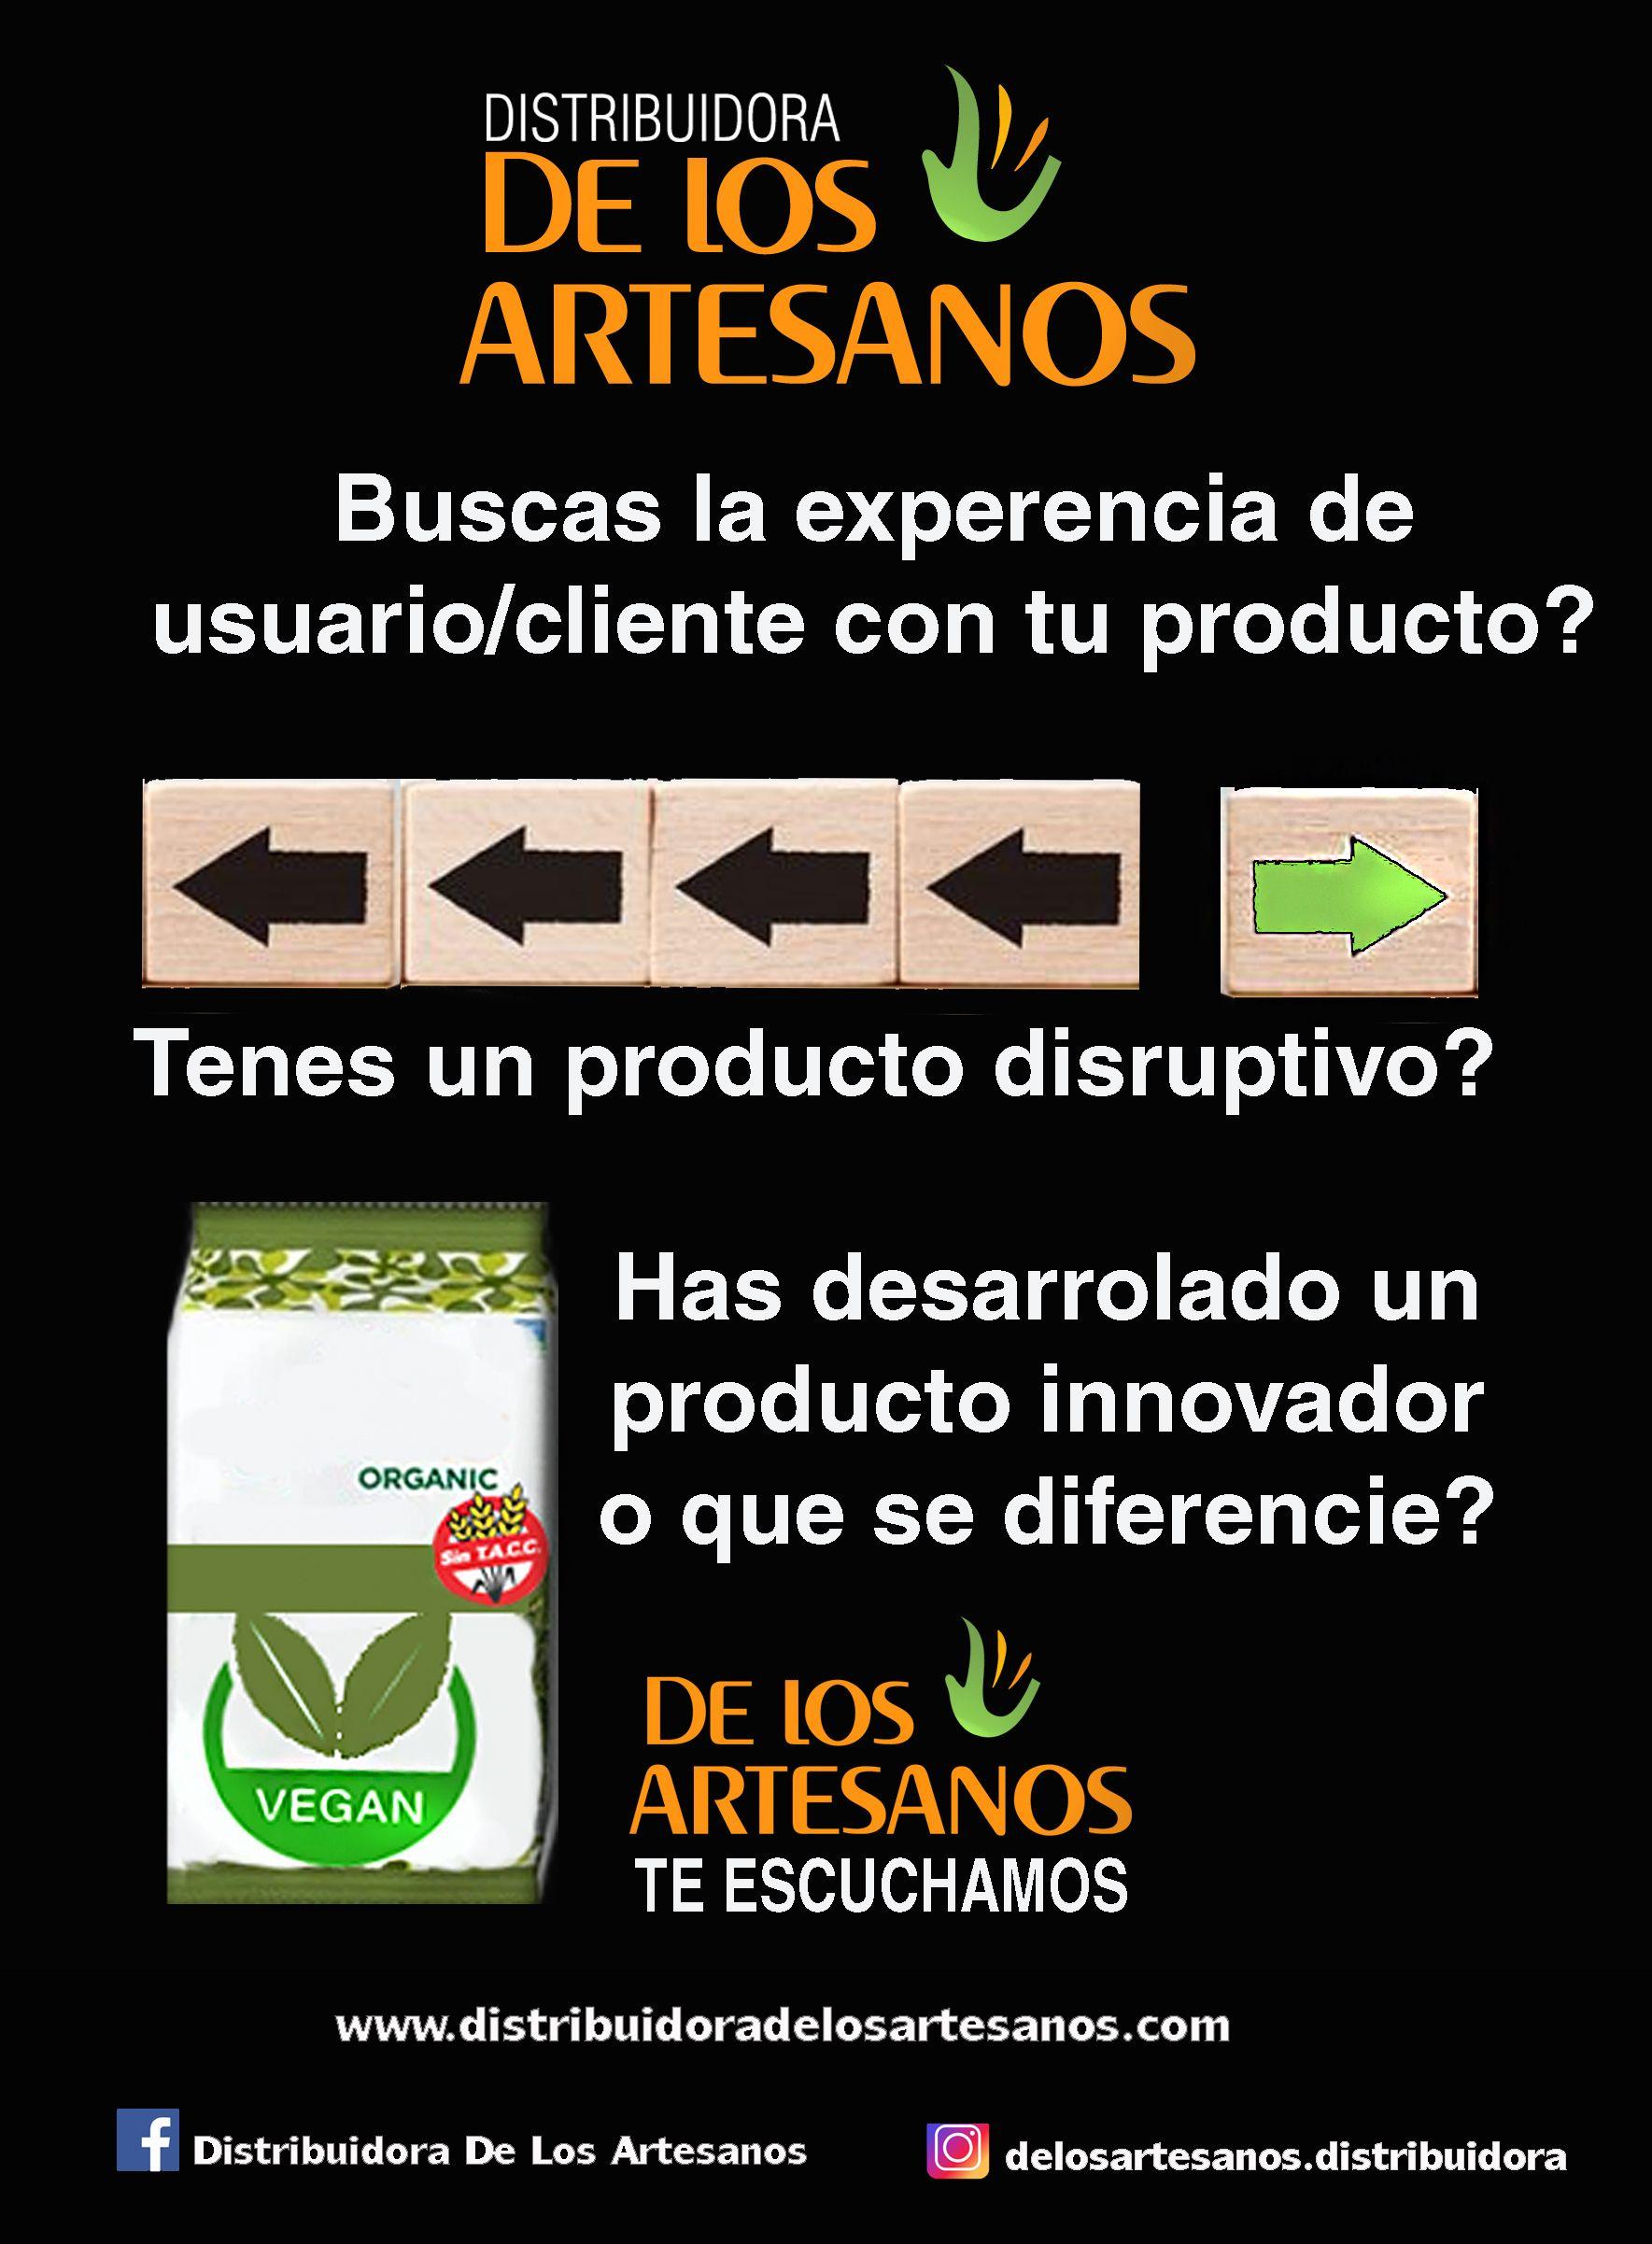 Distribuidora De Los Artesanos Ventas Mayorista Dietetica A Todo El Pais Distribuidor Productos Innovadores Artesanos